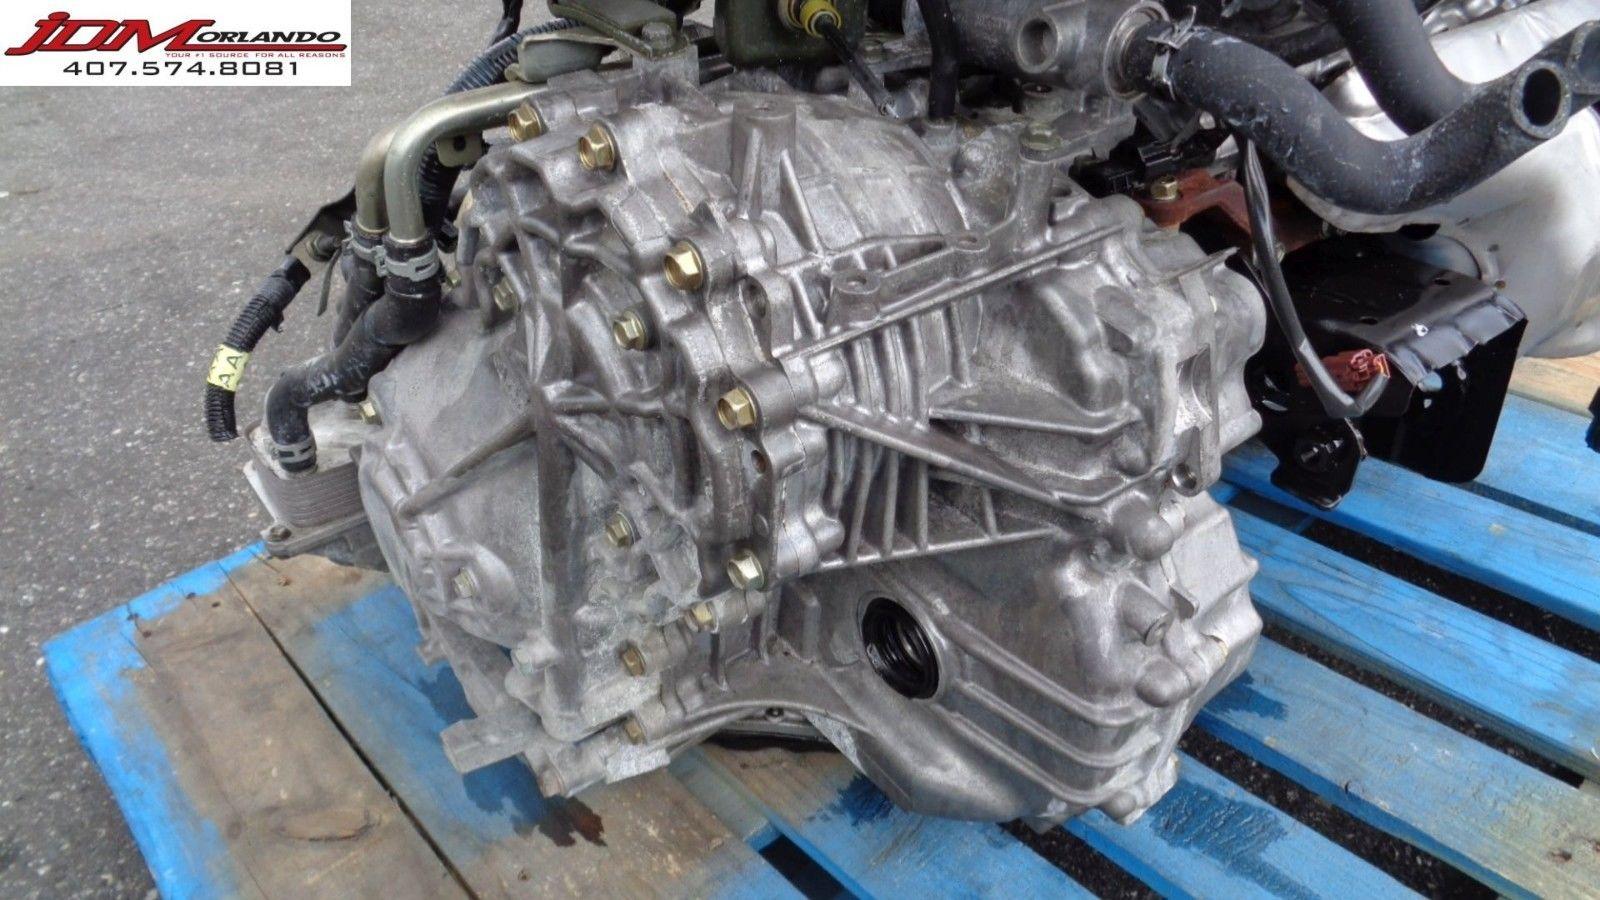 Nissan Murano Quest Maxima 3 5l V6 Fwd Cvt Transmission JDM VQ35DE